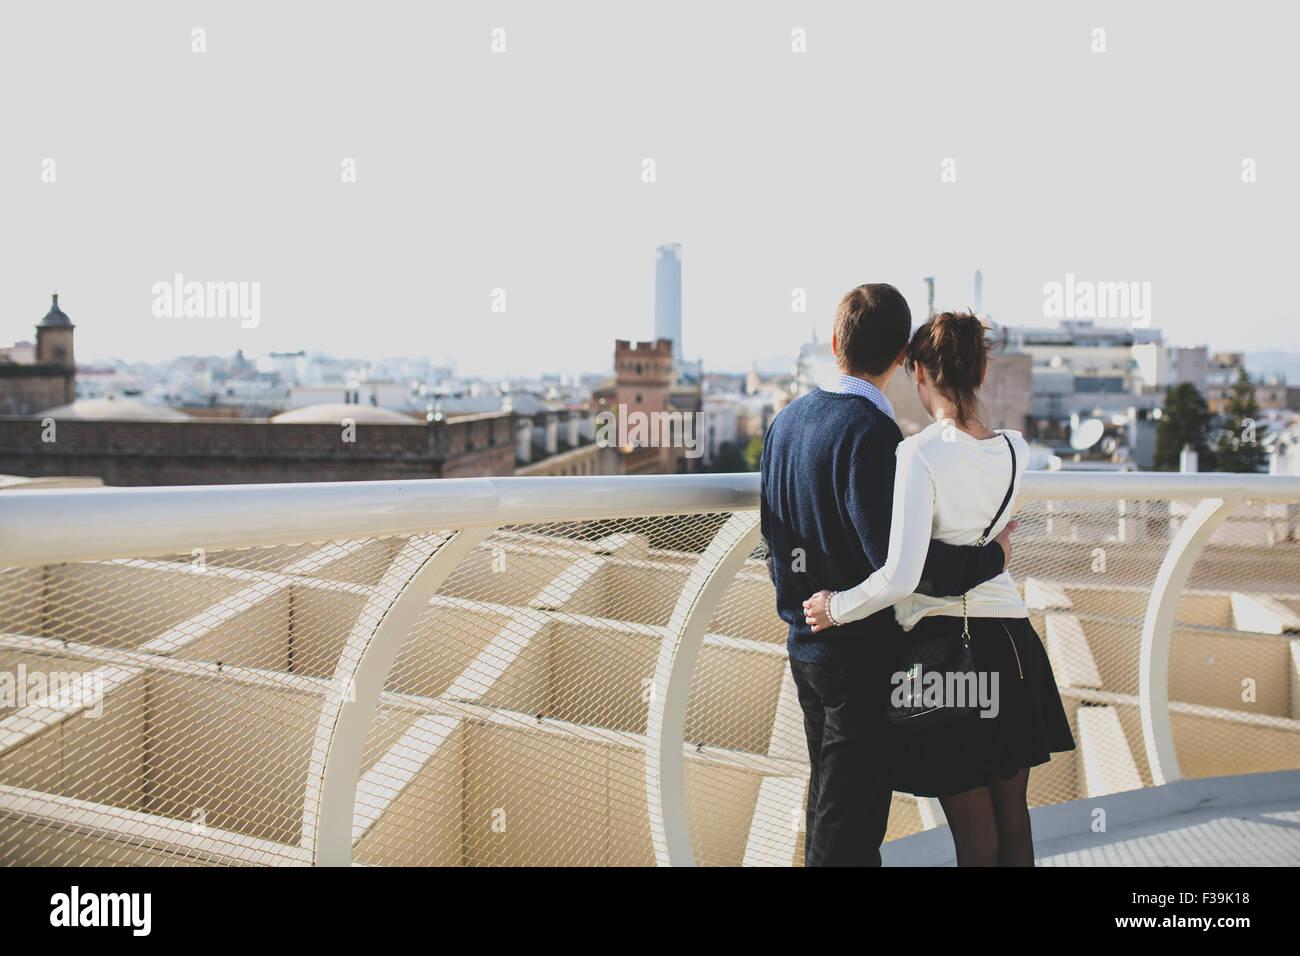 Porträt eines jungen Paares, Blick auf Stadt-Ansichten, Sevilla, Andalusien, Spanien Stockbild